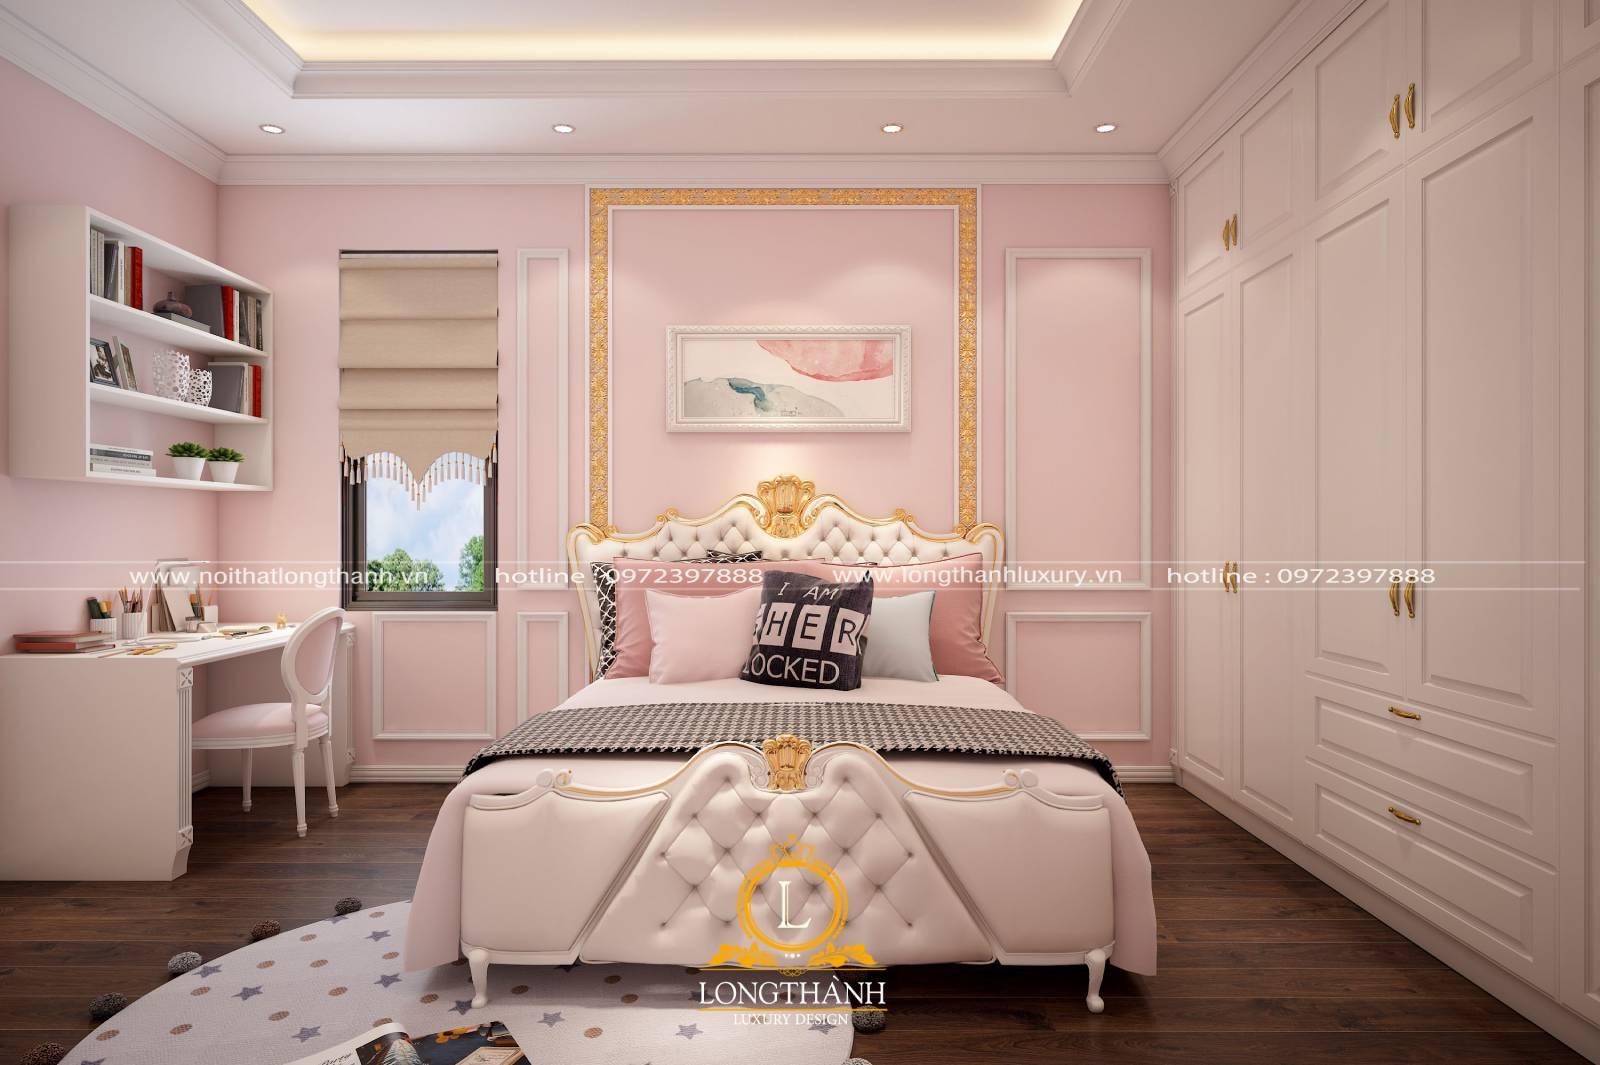 Sang trọng, độc đáo với bộ giường ngủ bọc da đa sắc màu